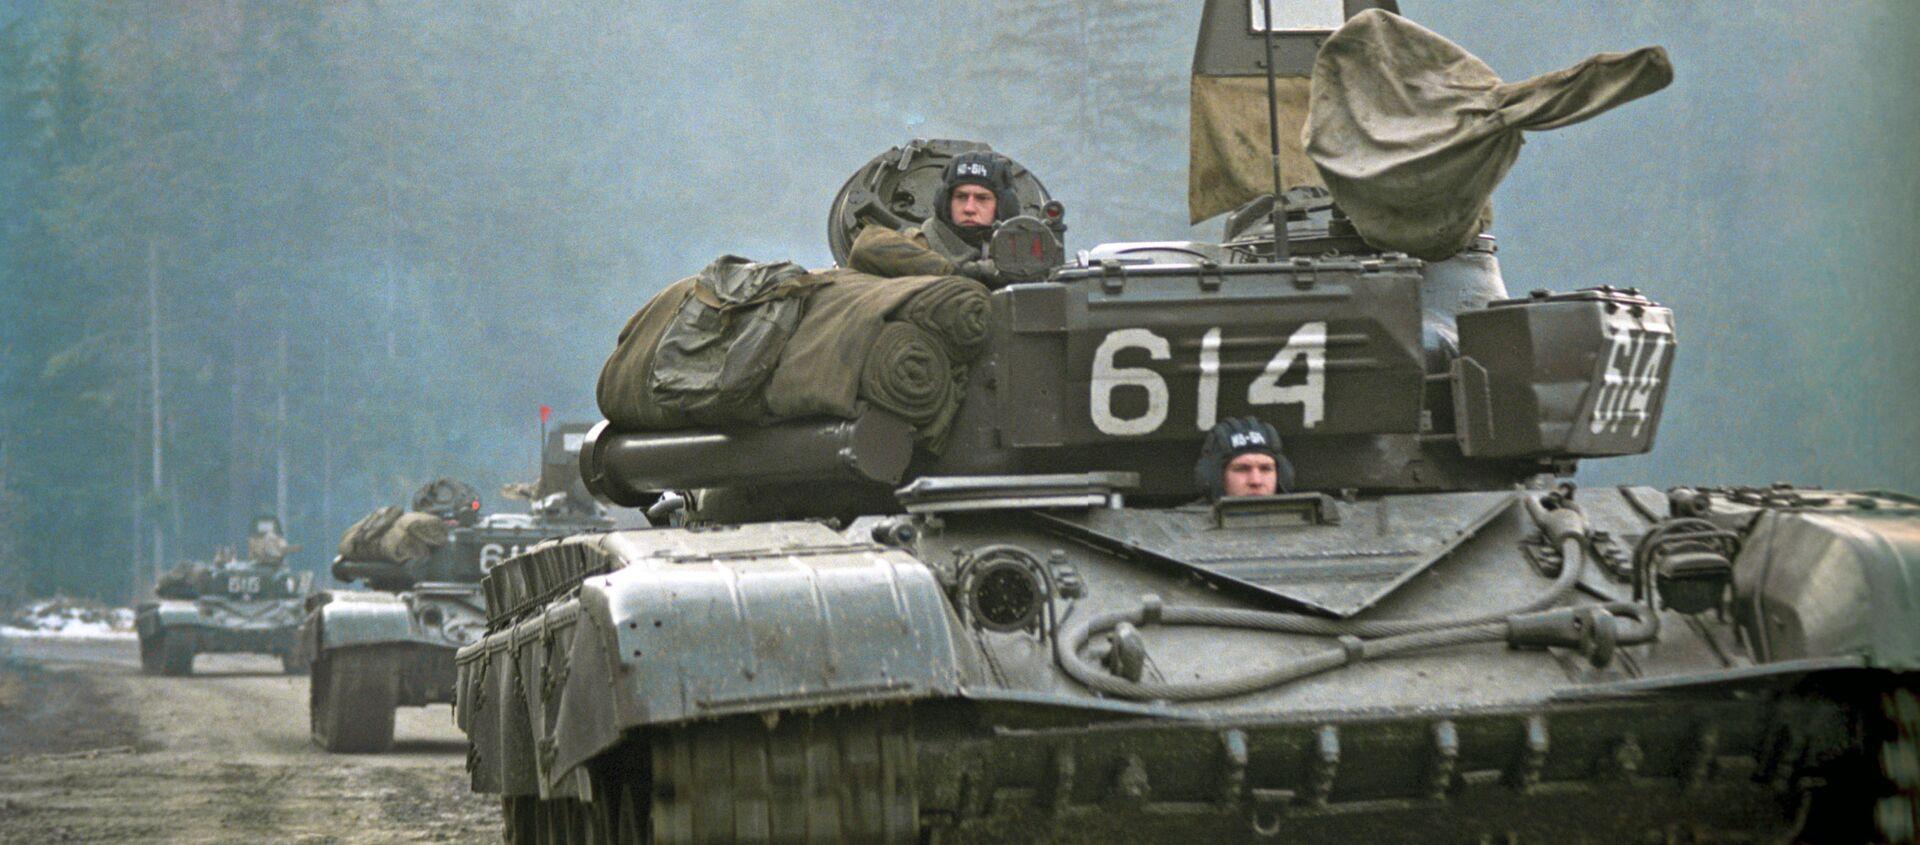 Odwrót wojsk radzieckich z Czechosłowacji w lutym 1990 roku - Sputnik Polska, 1920, 26.02.2020